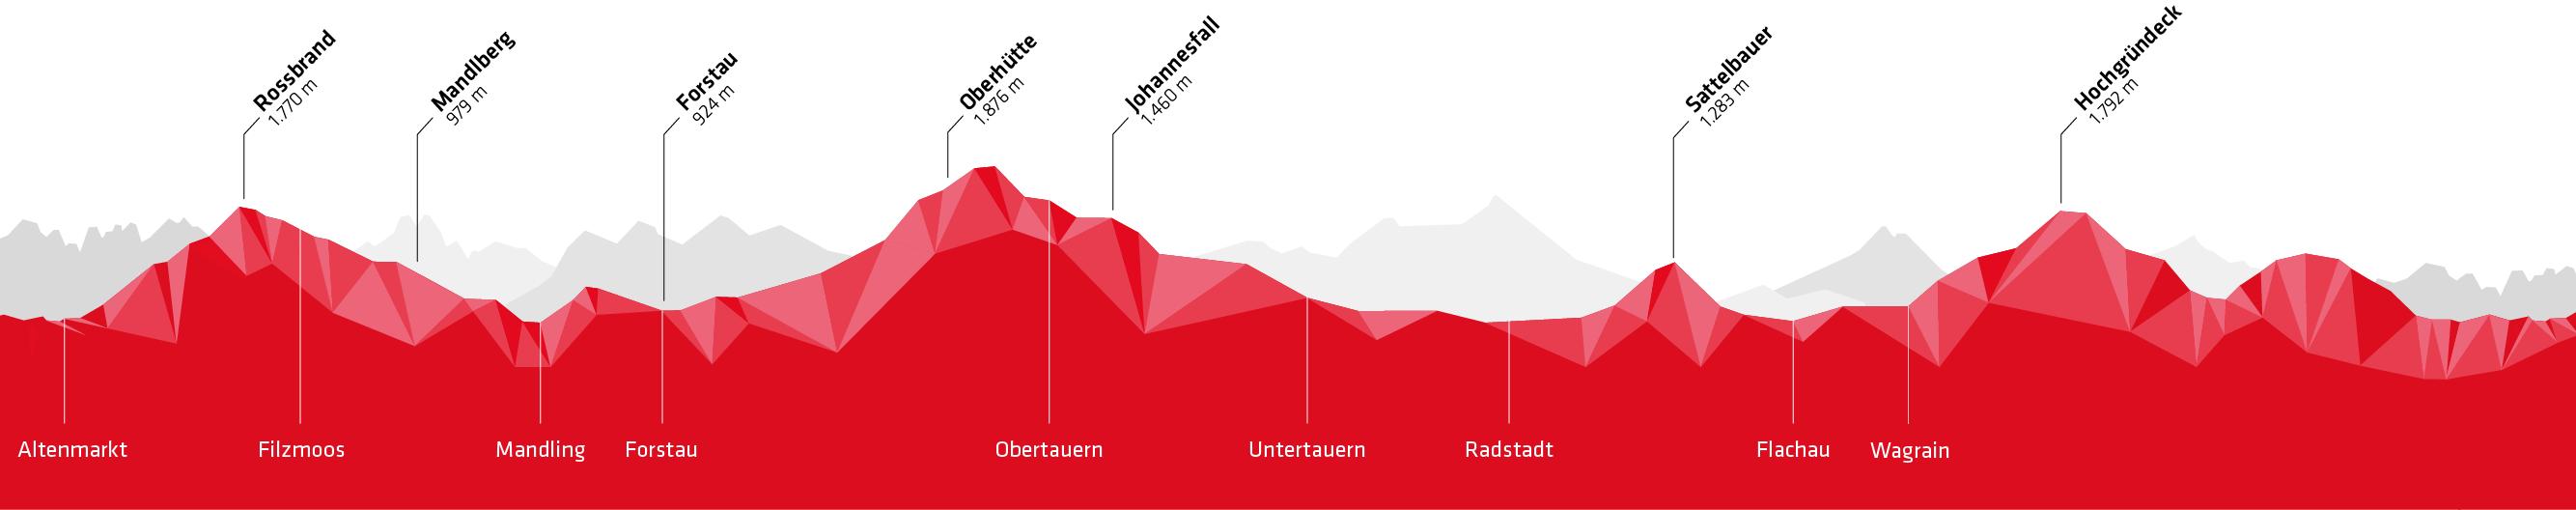 Stoneman Taurista Höhenprofil Mountainbike (Salzburger Land/Österreich)